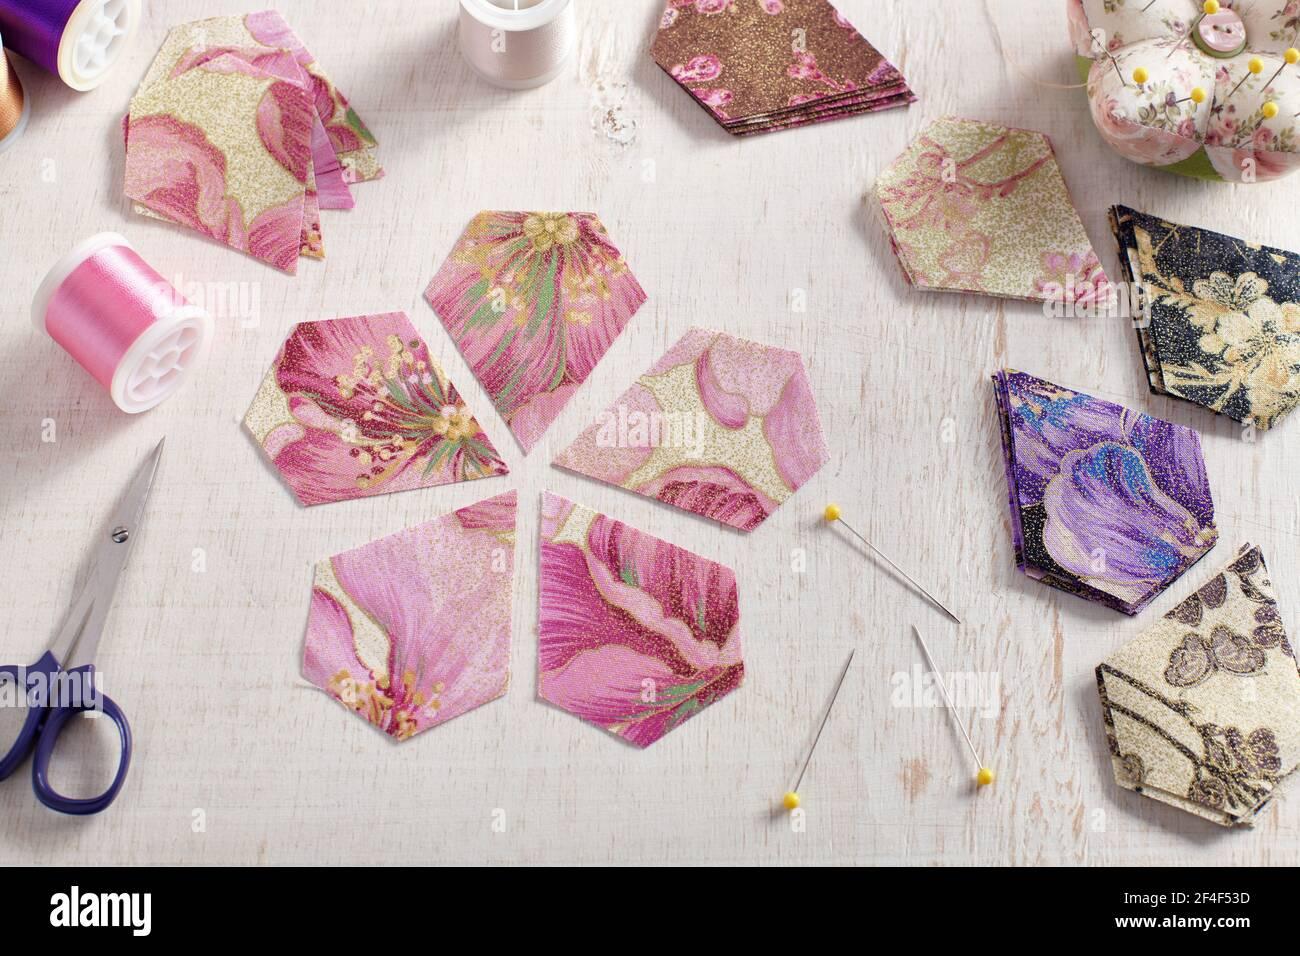 Piezas pentagonal de tela en forma de flor, pilas de piezas de tela multicolor, accesorios de costura sobre una superficie blanca Foto de stock